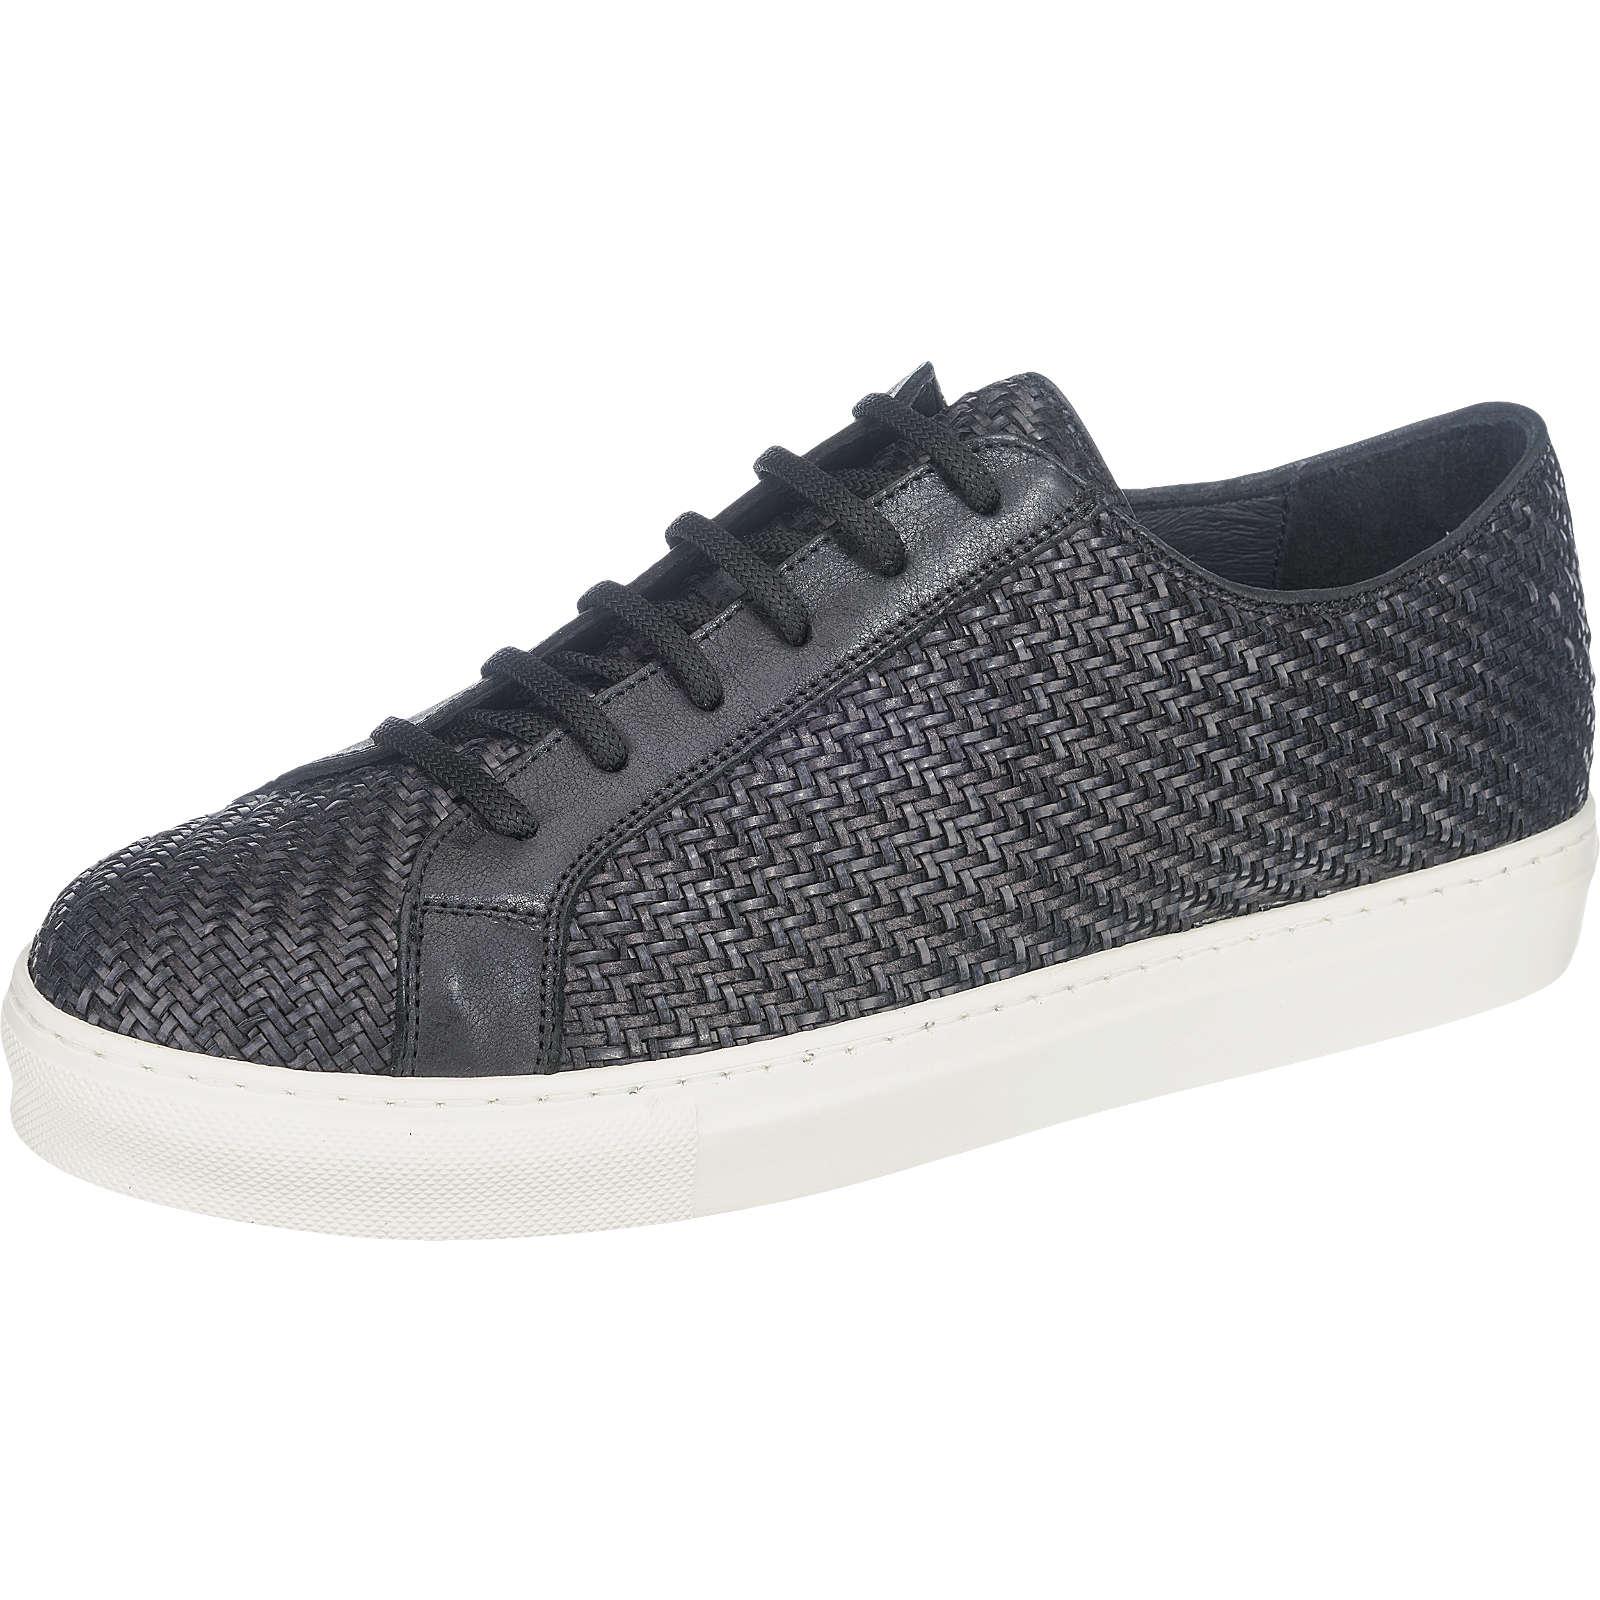 ANTICA CUOIERIA Sneakers schwarz Herren Gr. 46